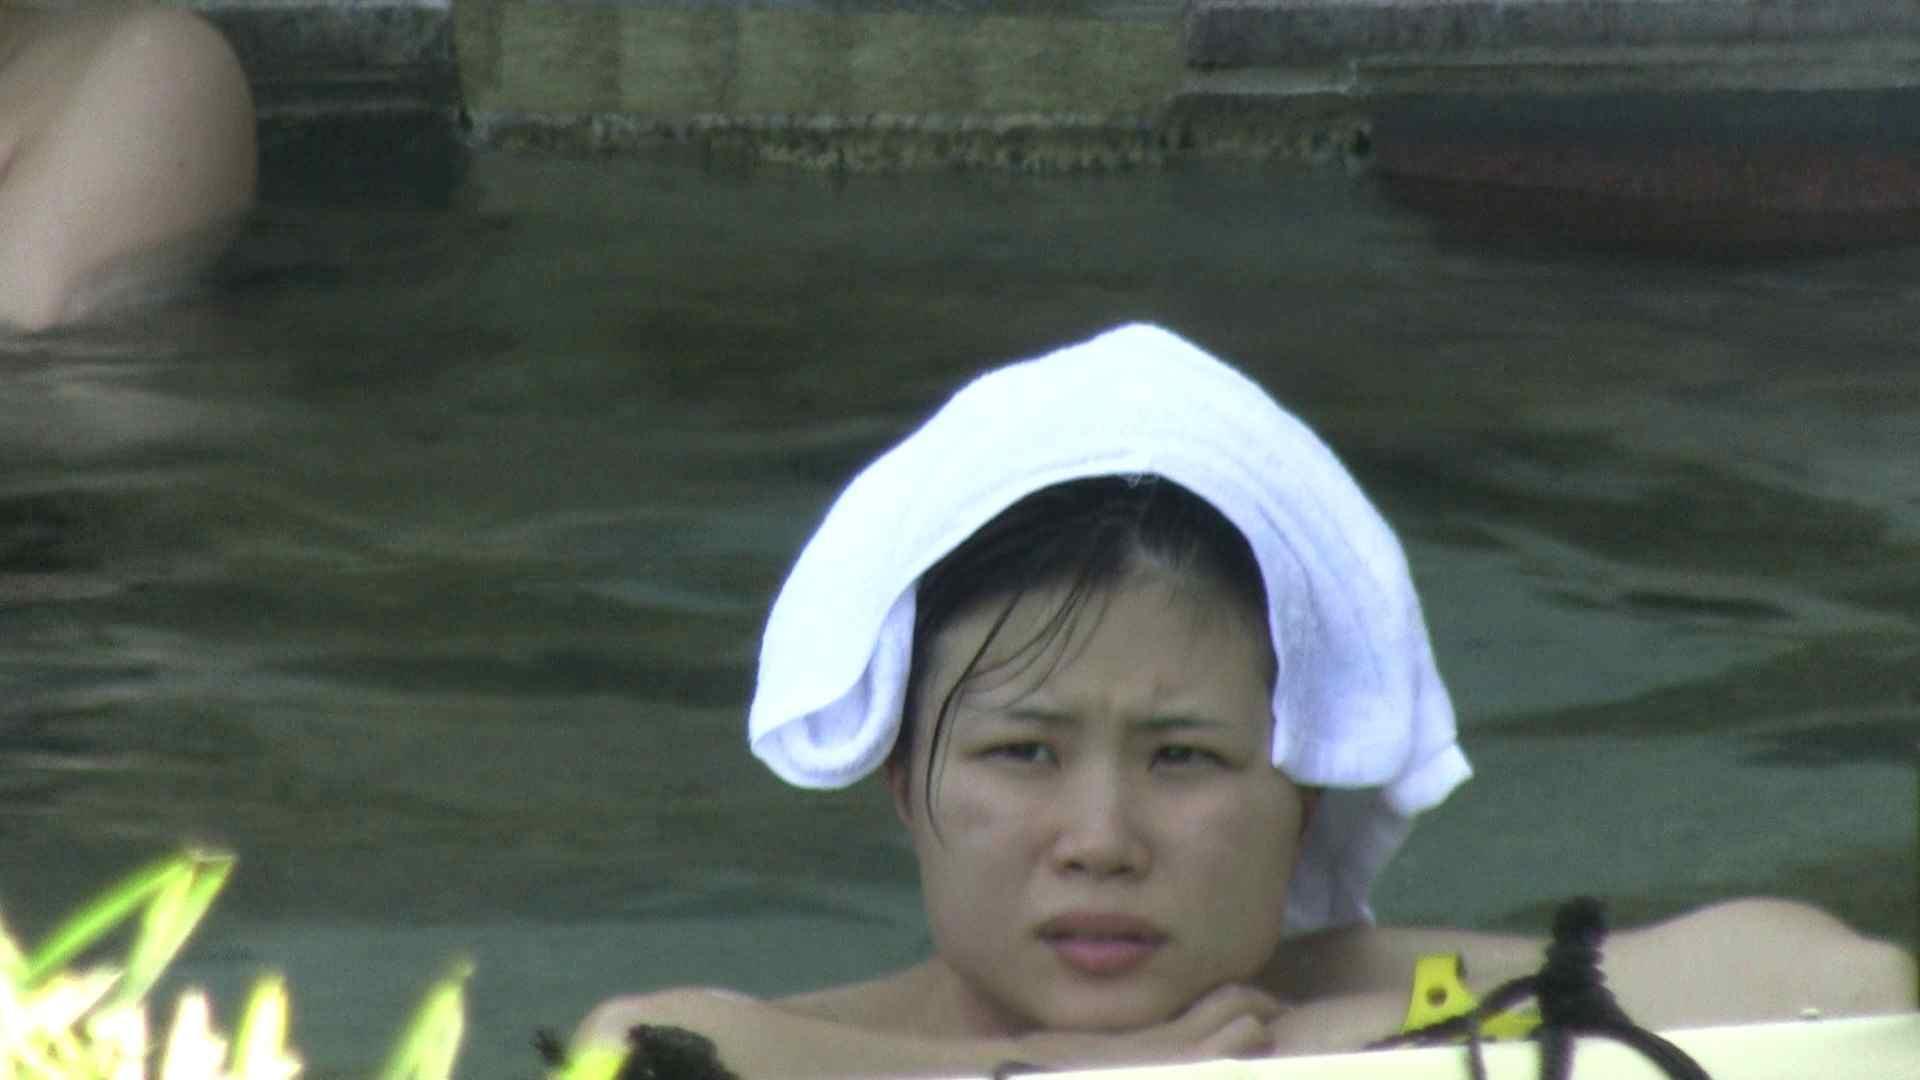 Aquaな露天風呂Vol.183 HなOL 盗撮動画紹介 106pic 32